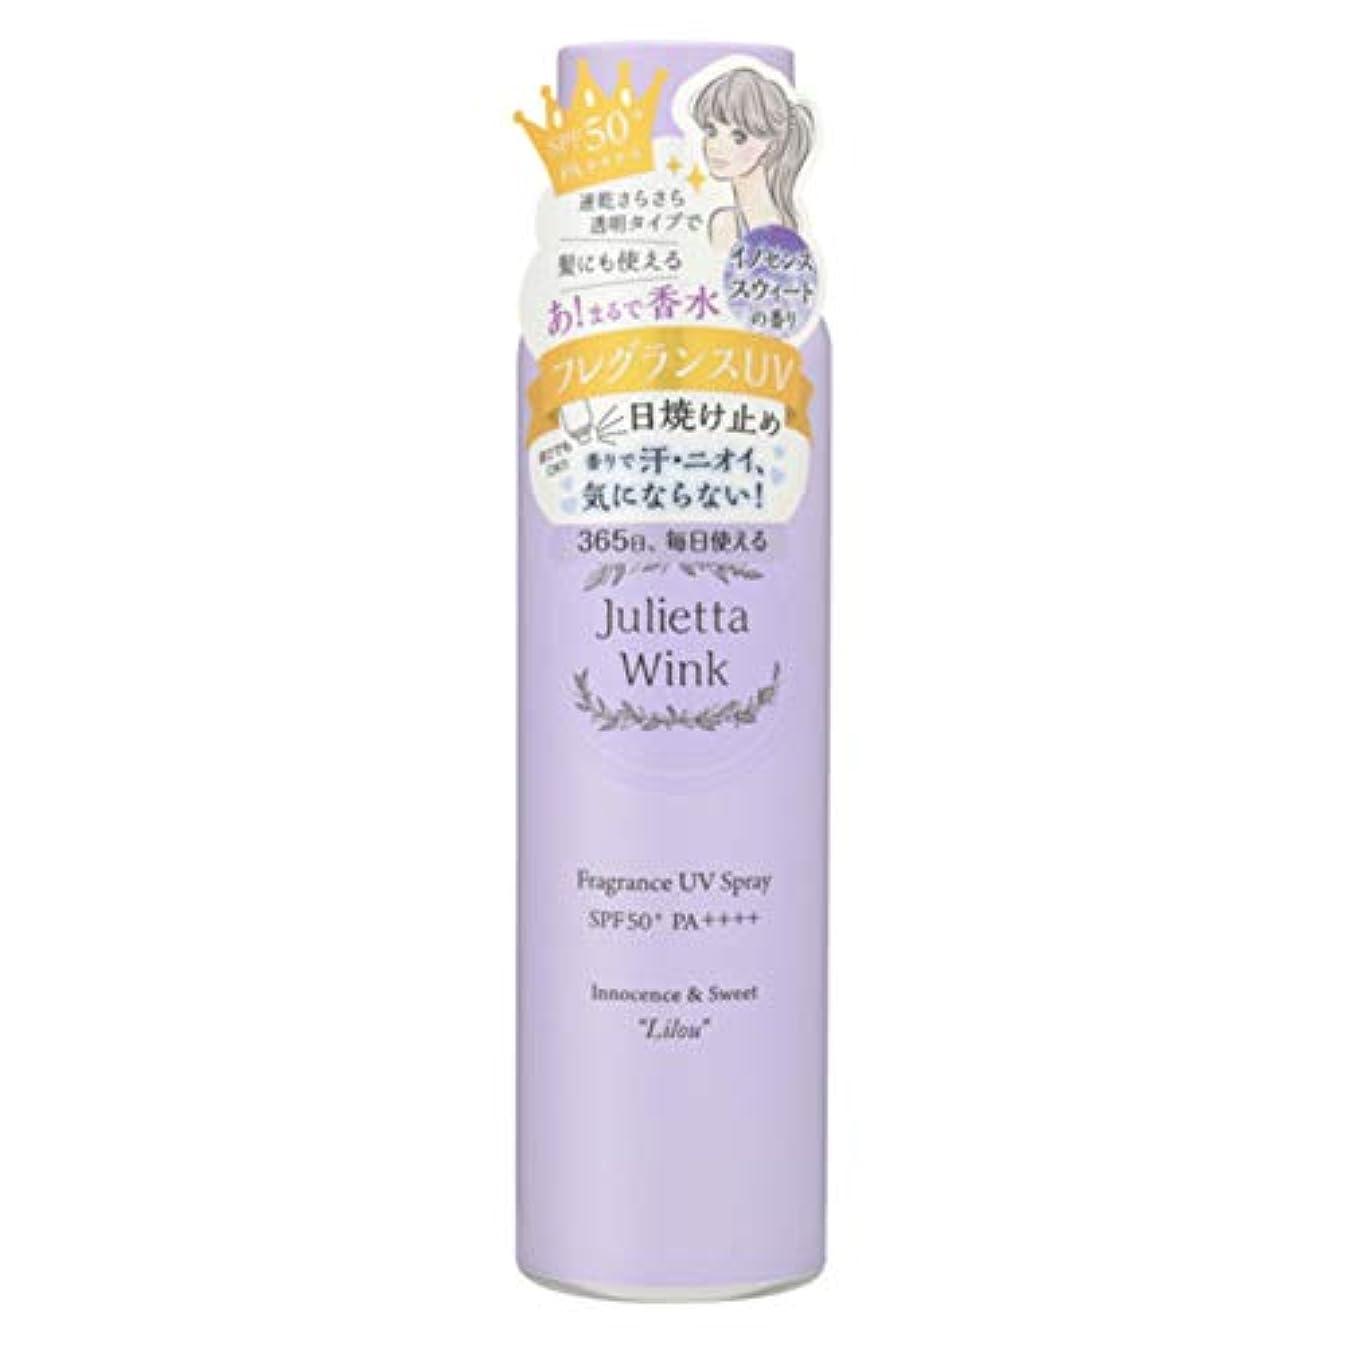 将来の荒れ地時間とともにジュリエッタウィンク フレグランス UVスプレー[リル]100g イノセンススウィートの香り(紫)